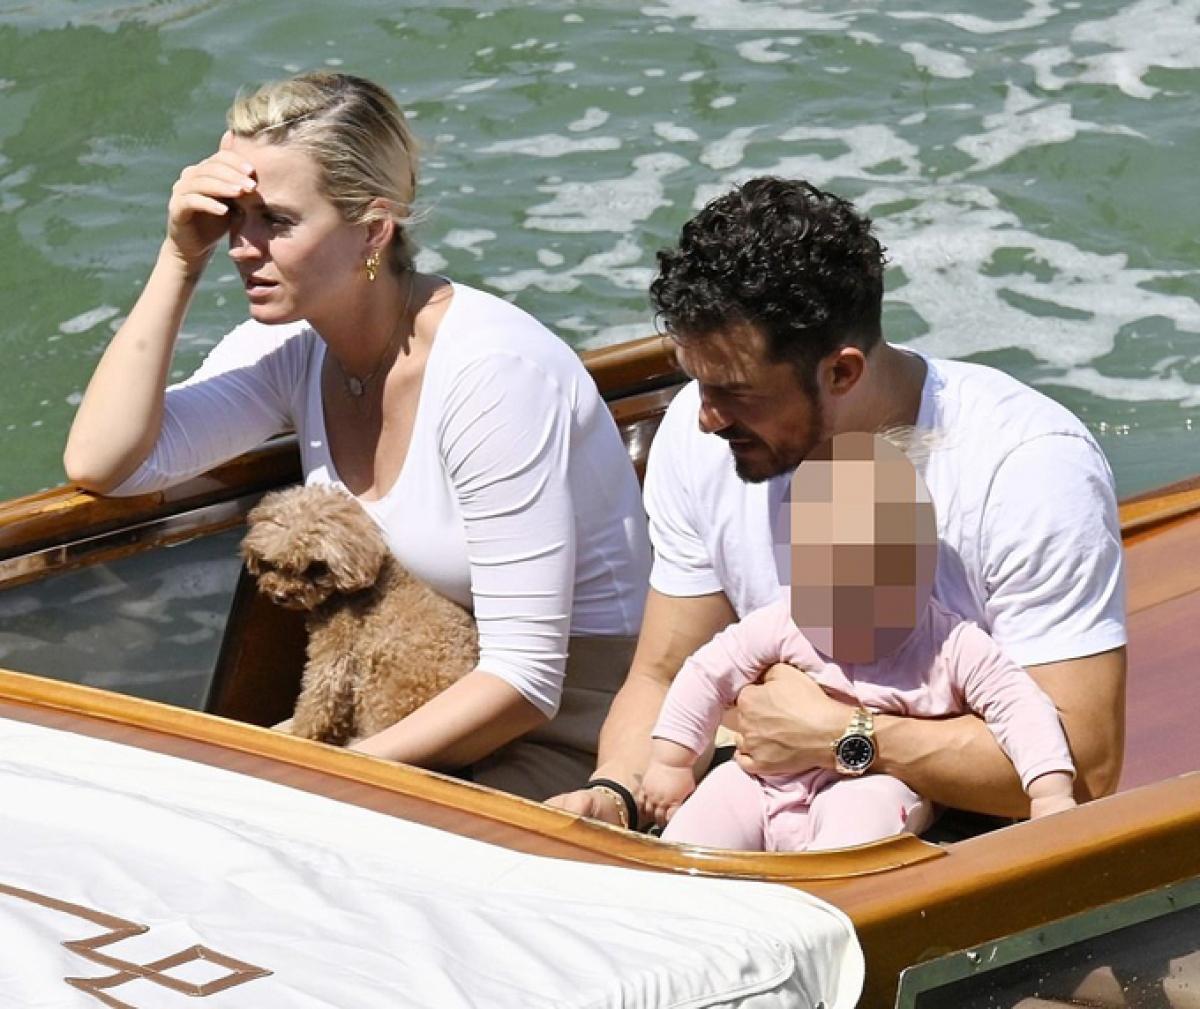 Đây là chuyến du lịch đầu tiên của gia đình Katy Perry kể từ sau khi sinh con gái Daisy vào hè năm ngoái.